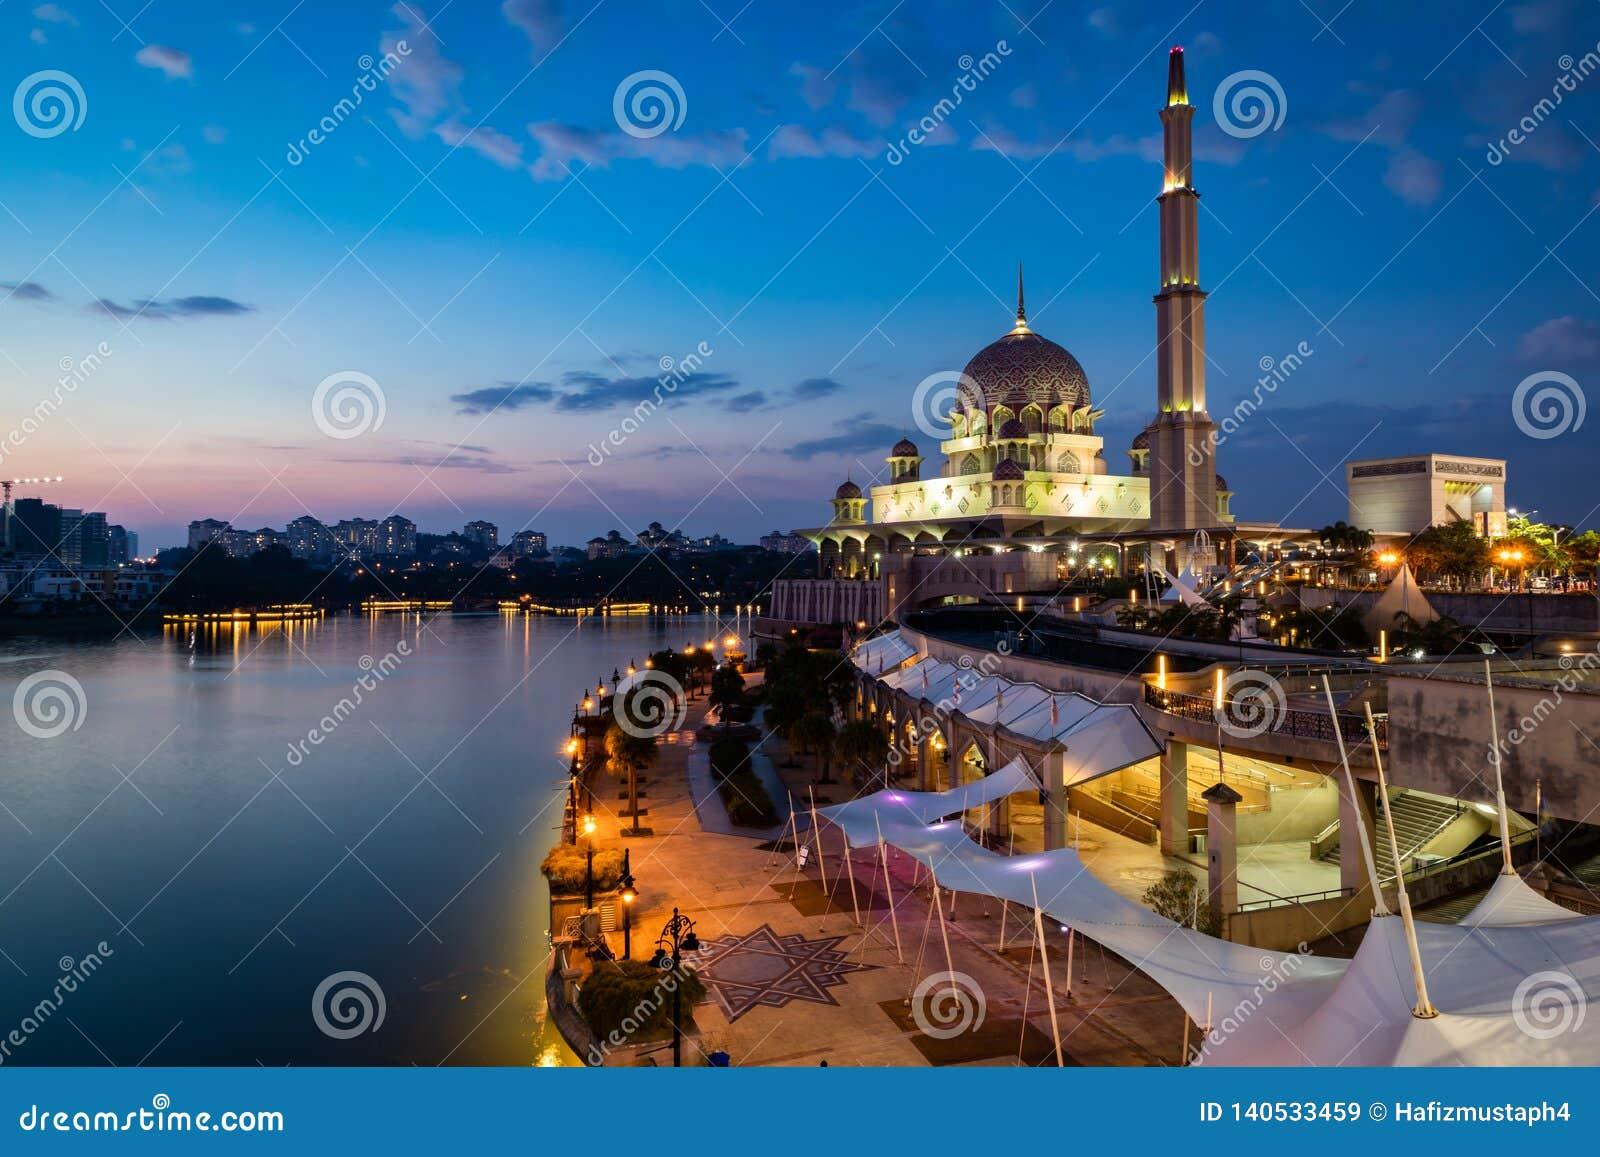 Mosquée de Putra pendant l heure bleue Longue exposition